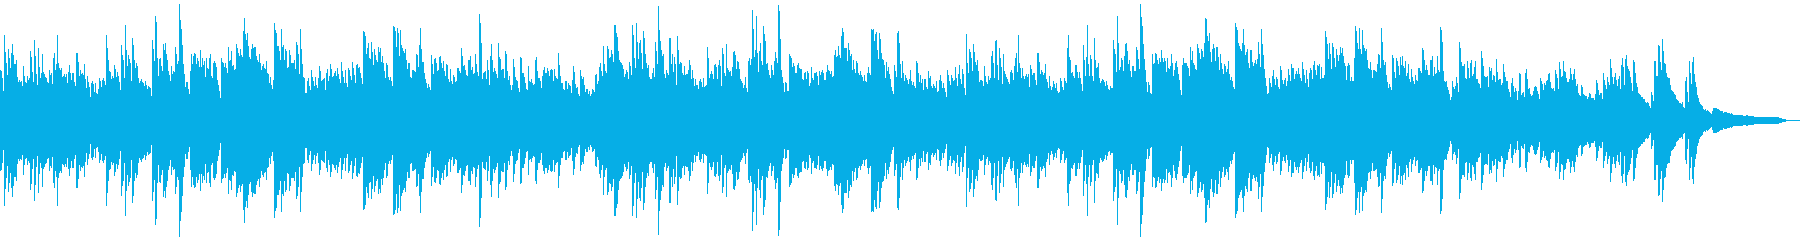 情緒的でメランコリックなピアノソロの再生済みの波形